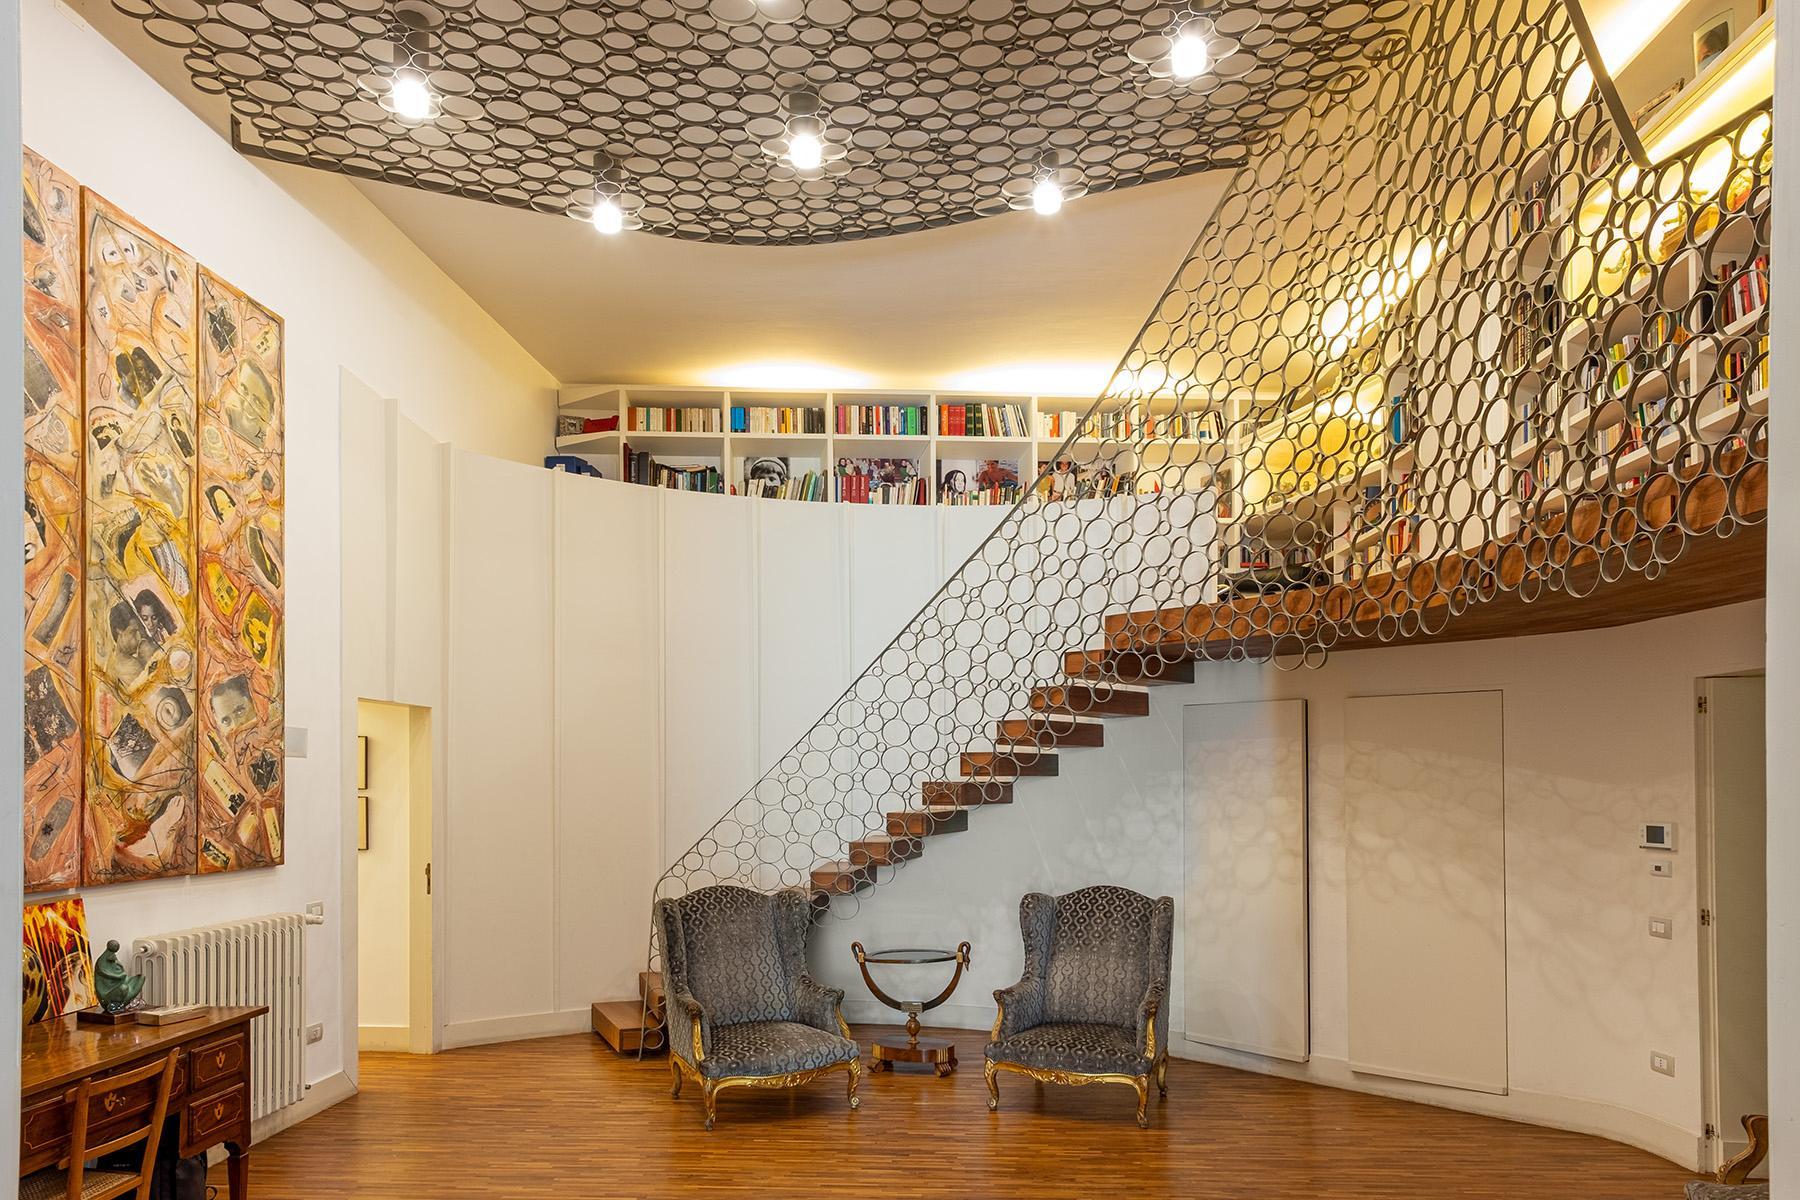 Eclettico appartamento di design in palazzo storico - 1